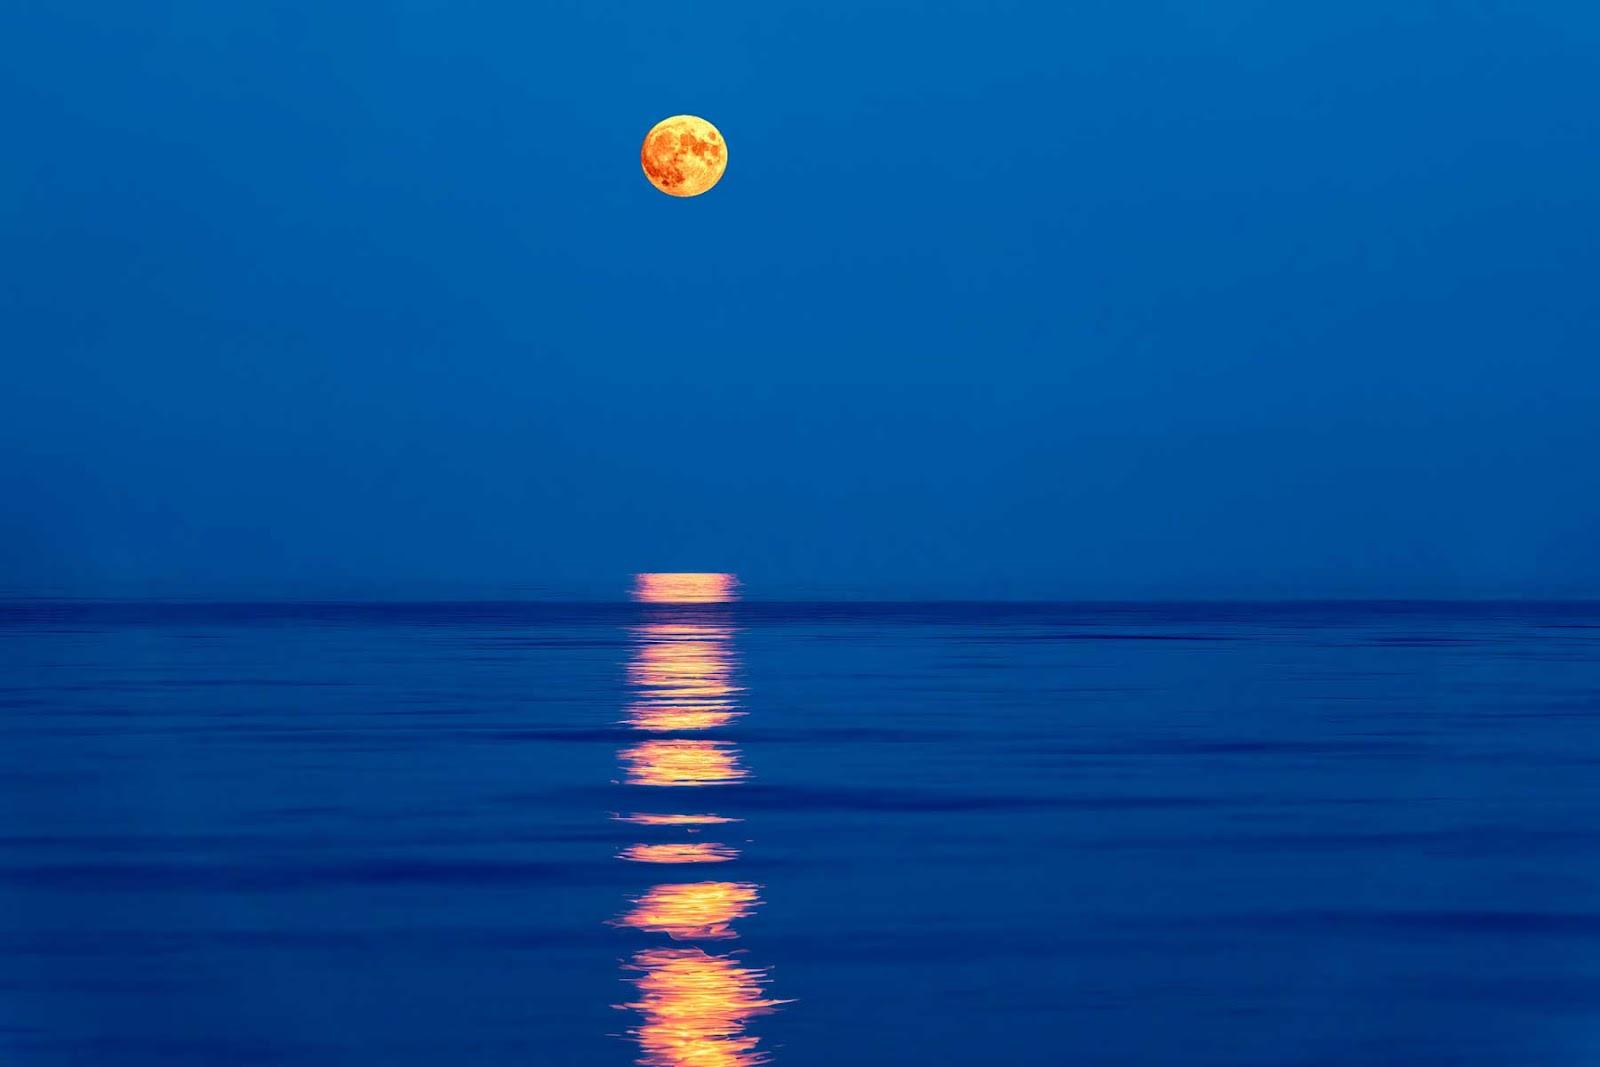 Đón siêu trăng sáng và lớn nhất 2021 trong tháng 5 - ảnh 3